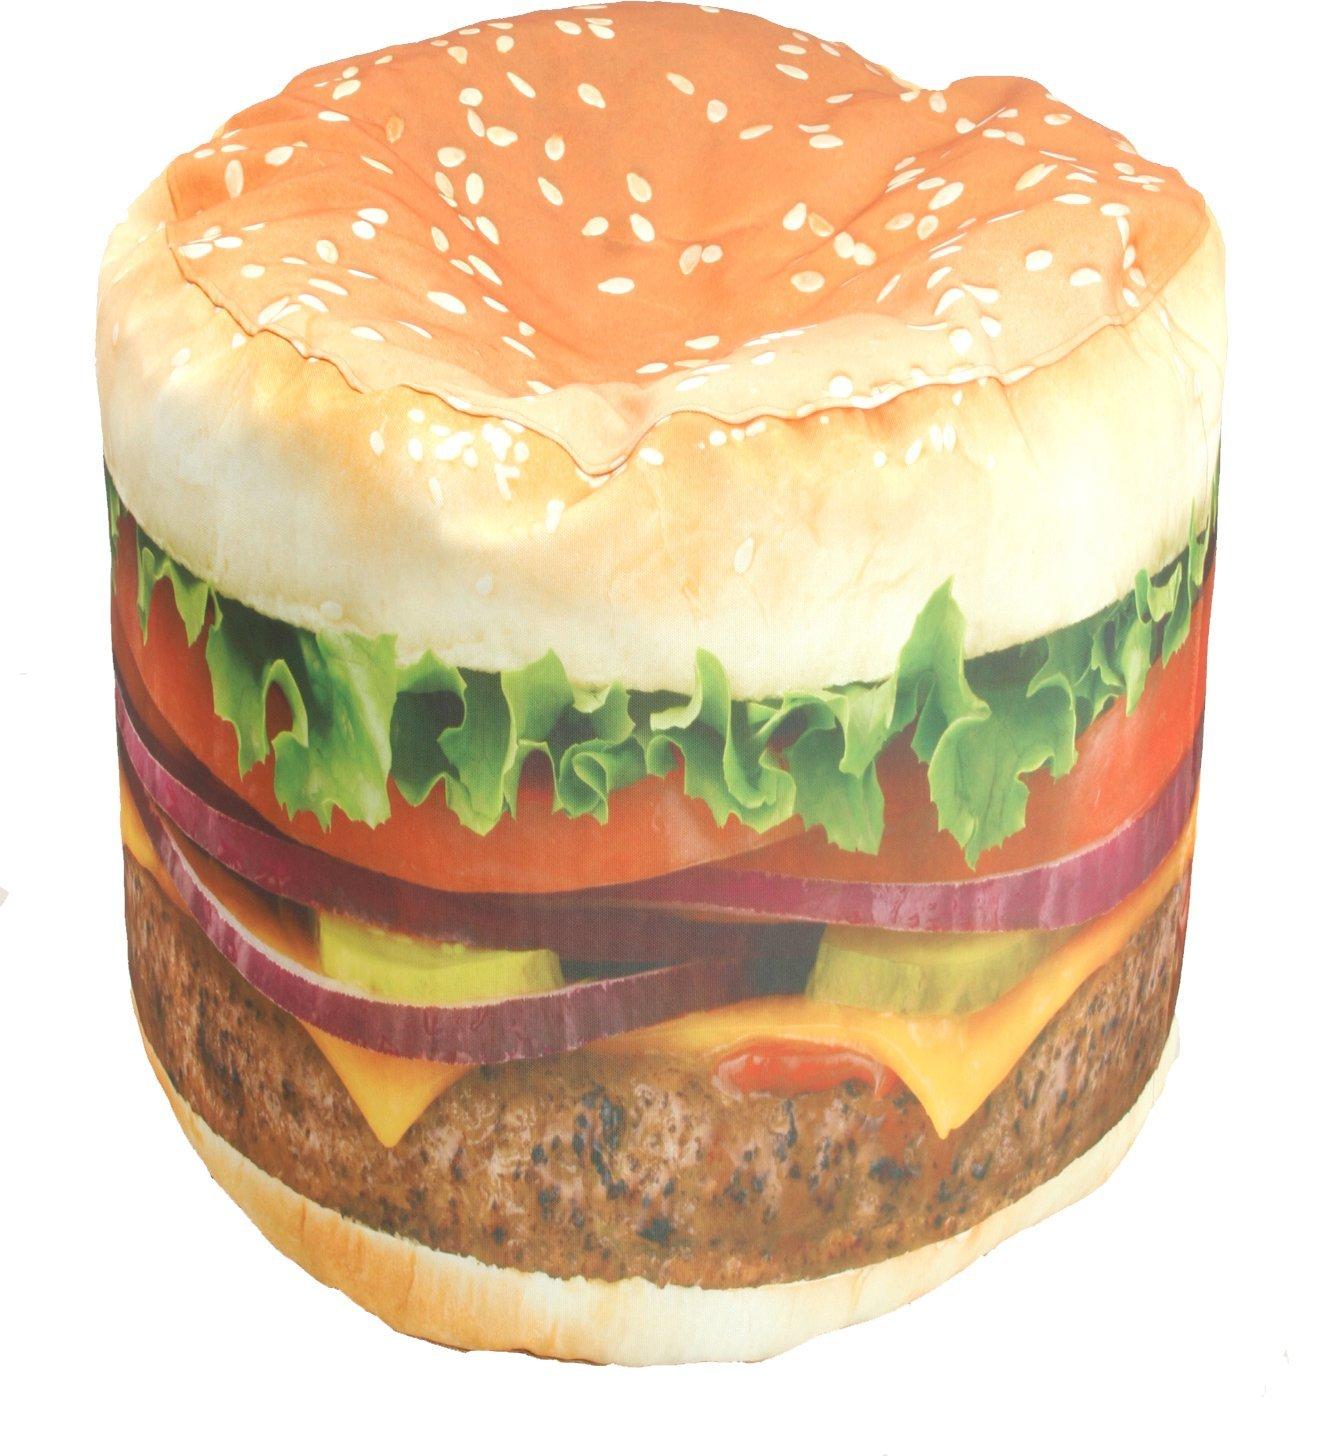 Wow Works Hamburger Adult Beanbag Chair A Bean Bag